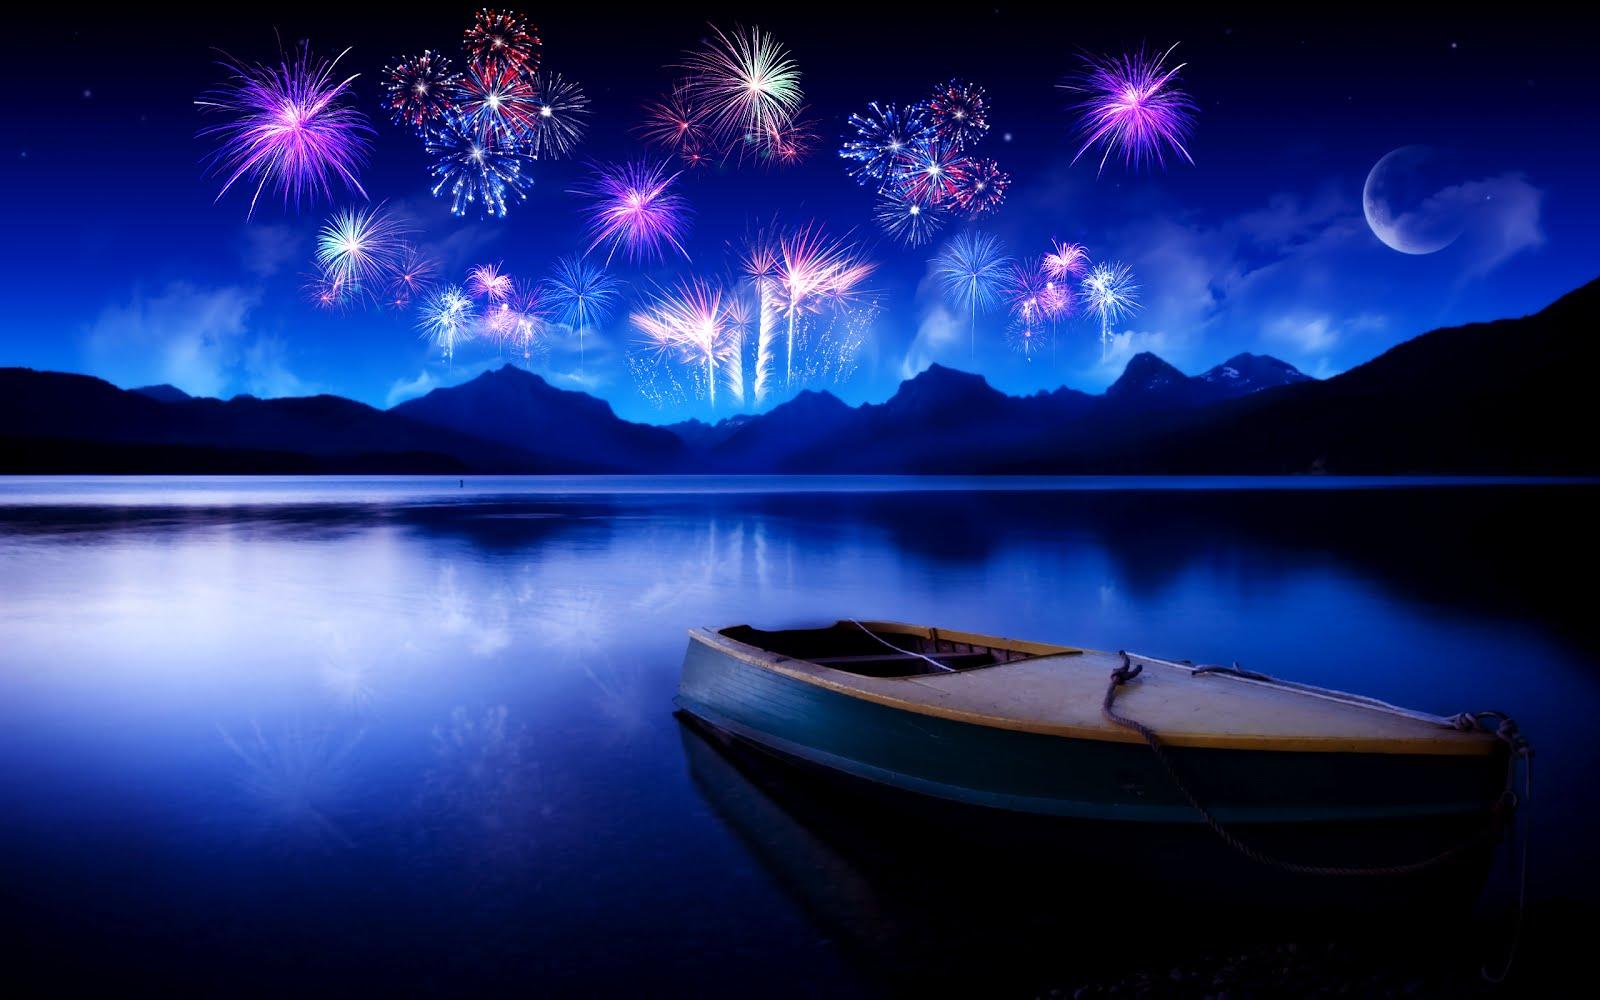 fuegos-artificiales-del-otro-lado-del-lago2560x1600-fireworks-lake-side